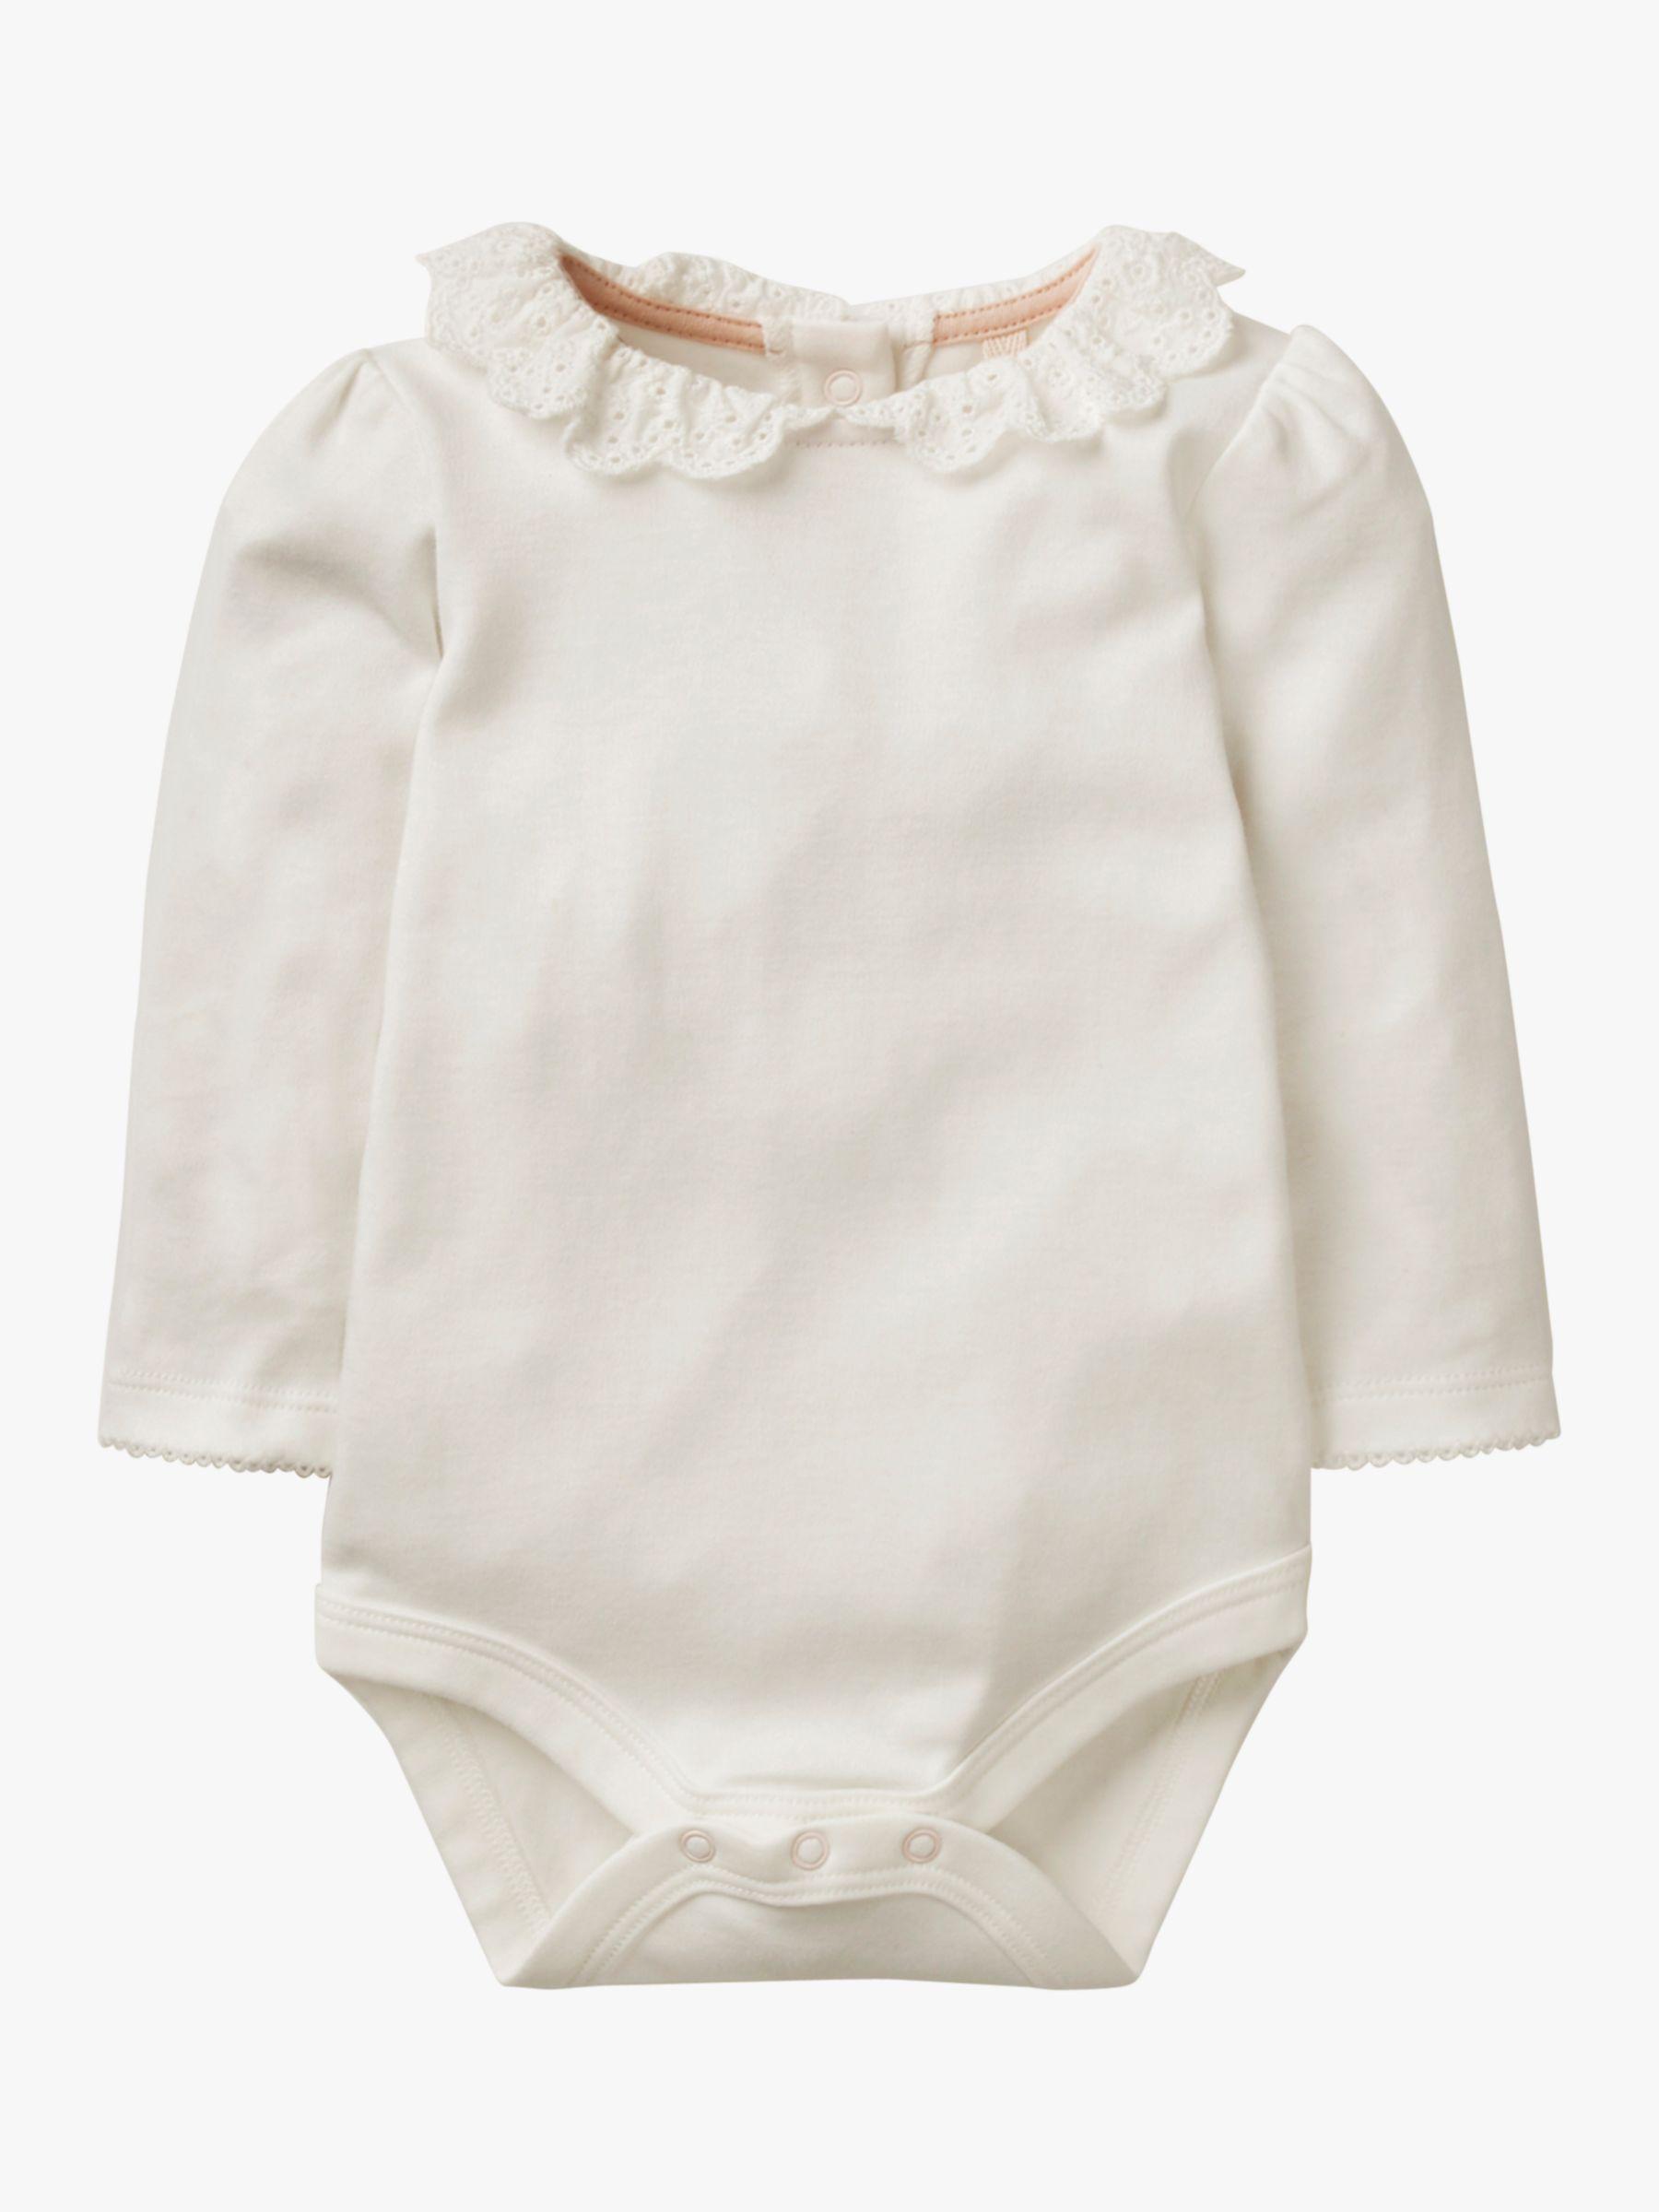 Mini Boden Mini Boden Baby Detailed Collar Bodysuit, Ivory